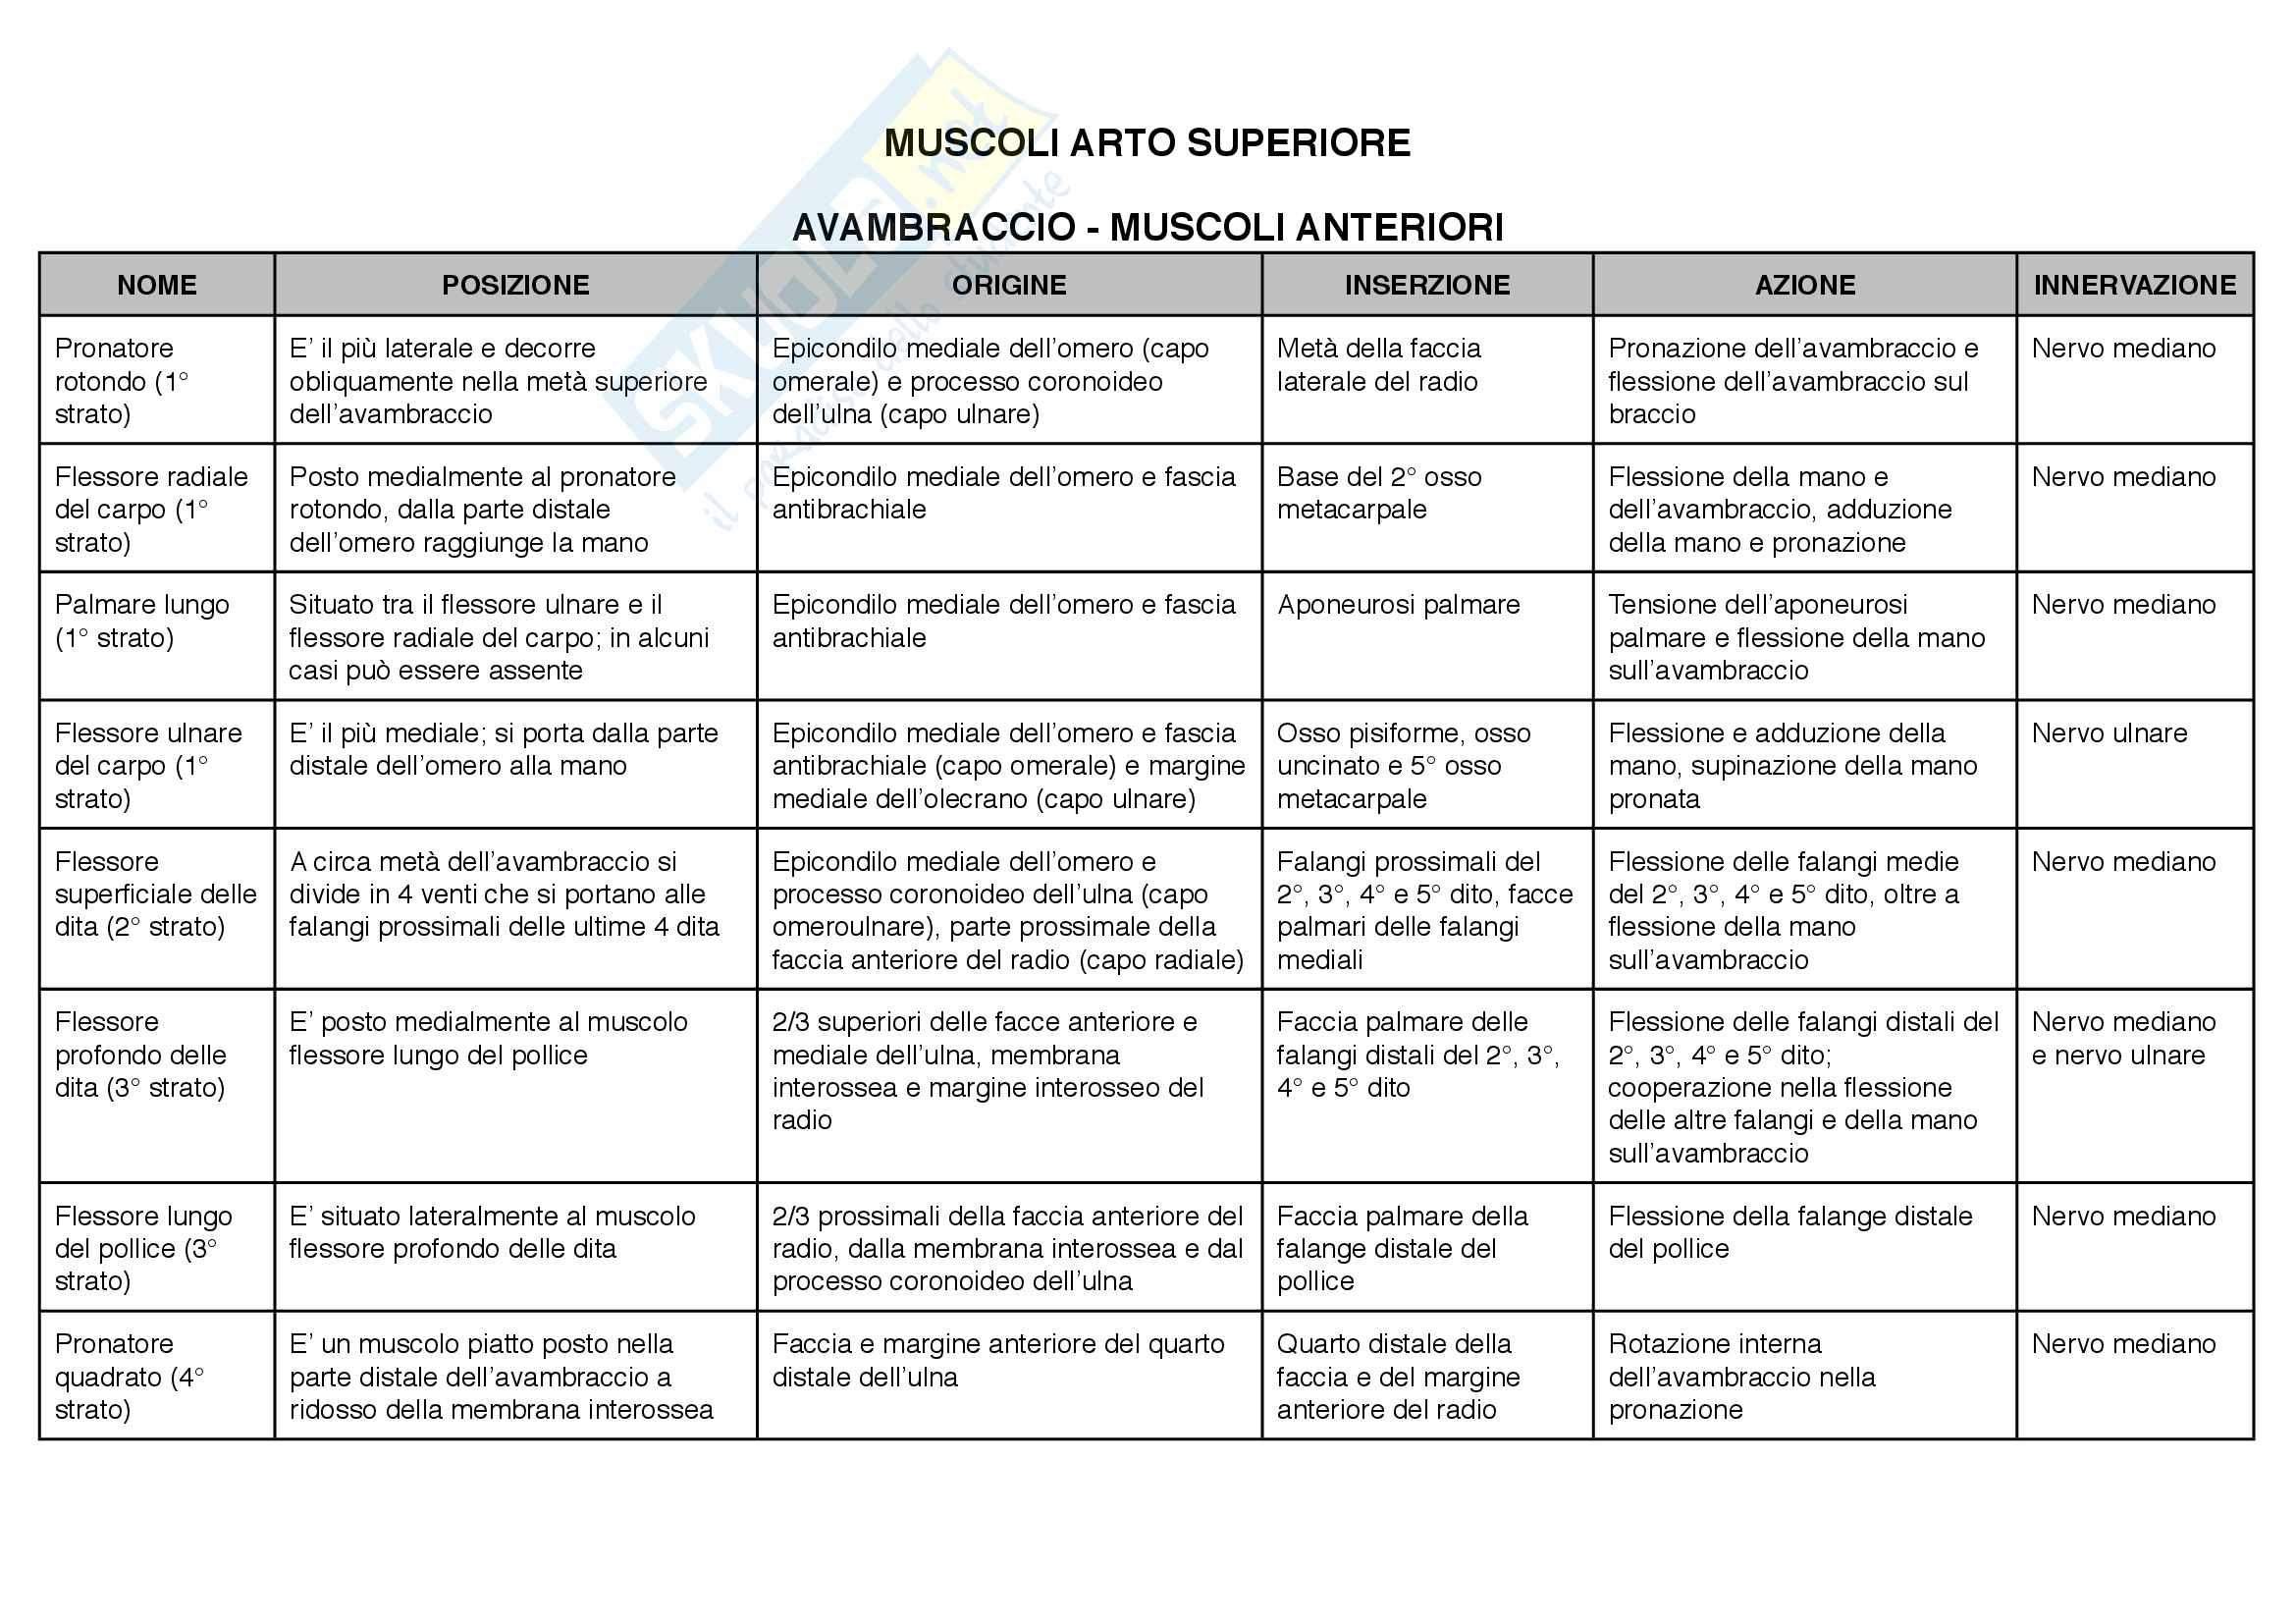 Anatomia: articolazioni e muscoli(posizione,origine, inserzioni, azione,innervazione) Pag. 51